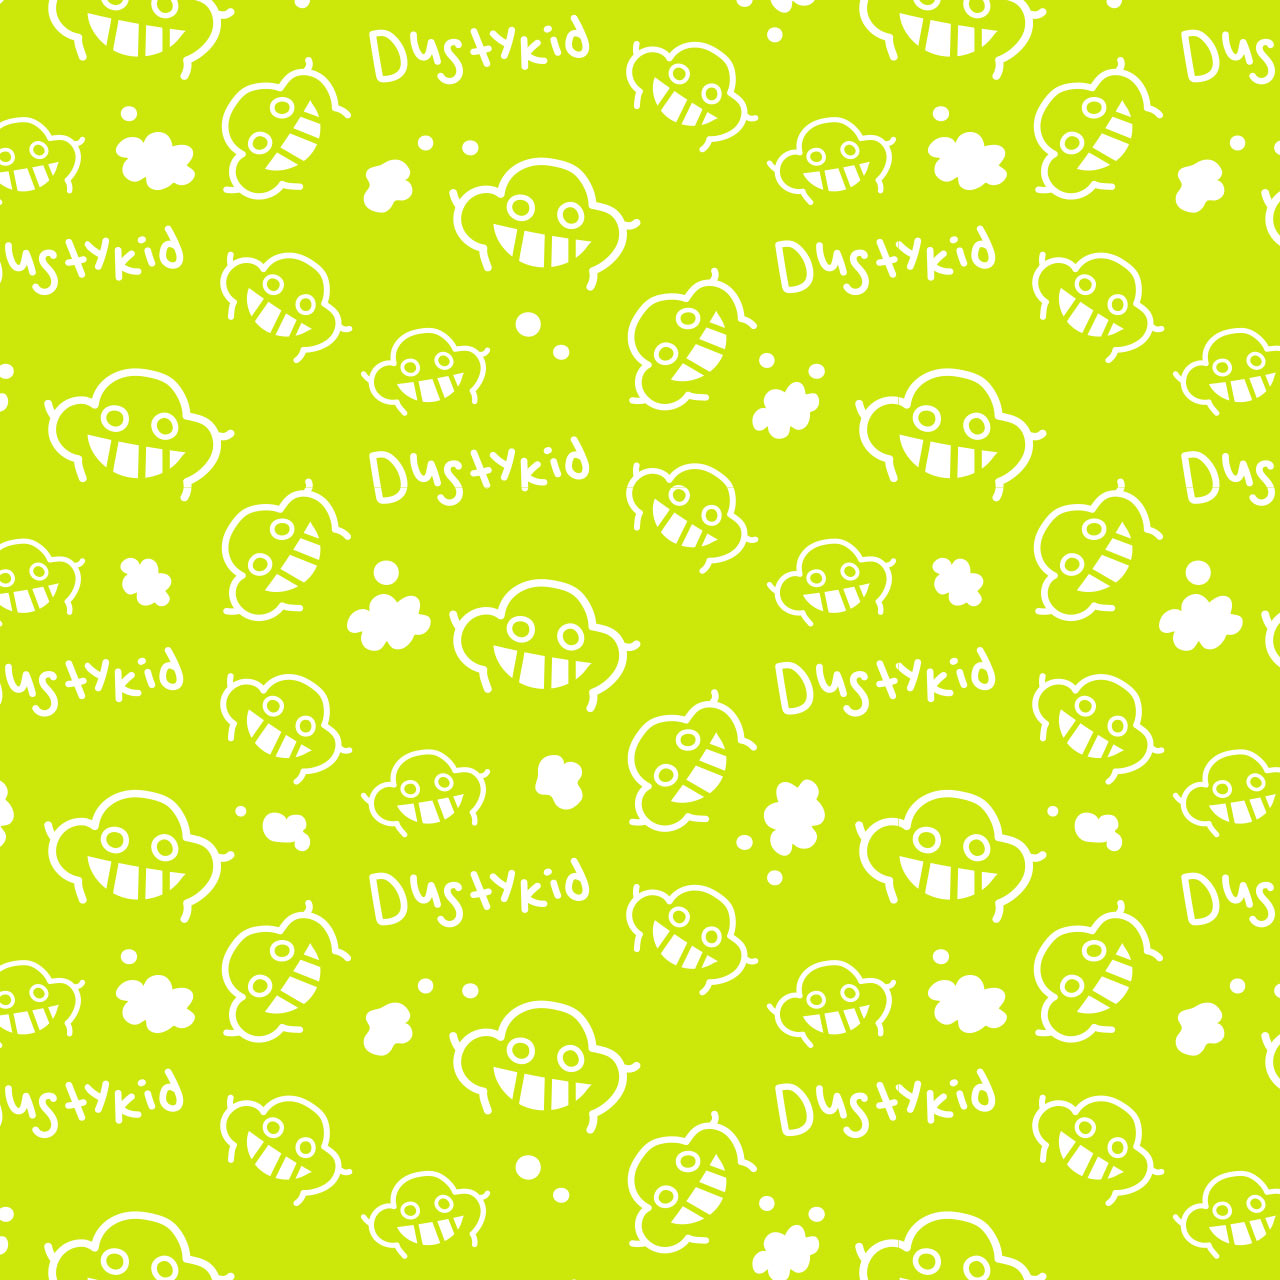 dustykid pattern green